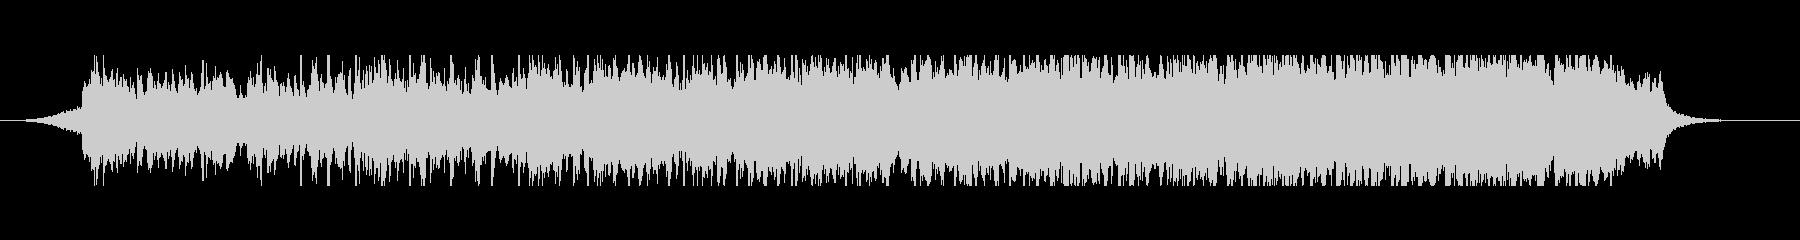 プリンスオブペルシャ(60秒)の未再生の波形